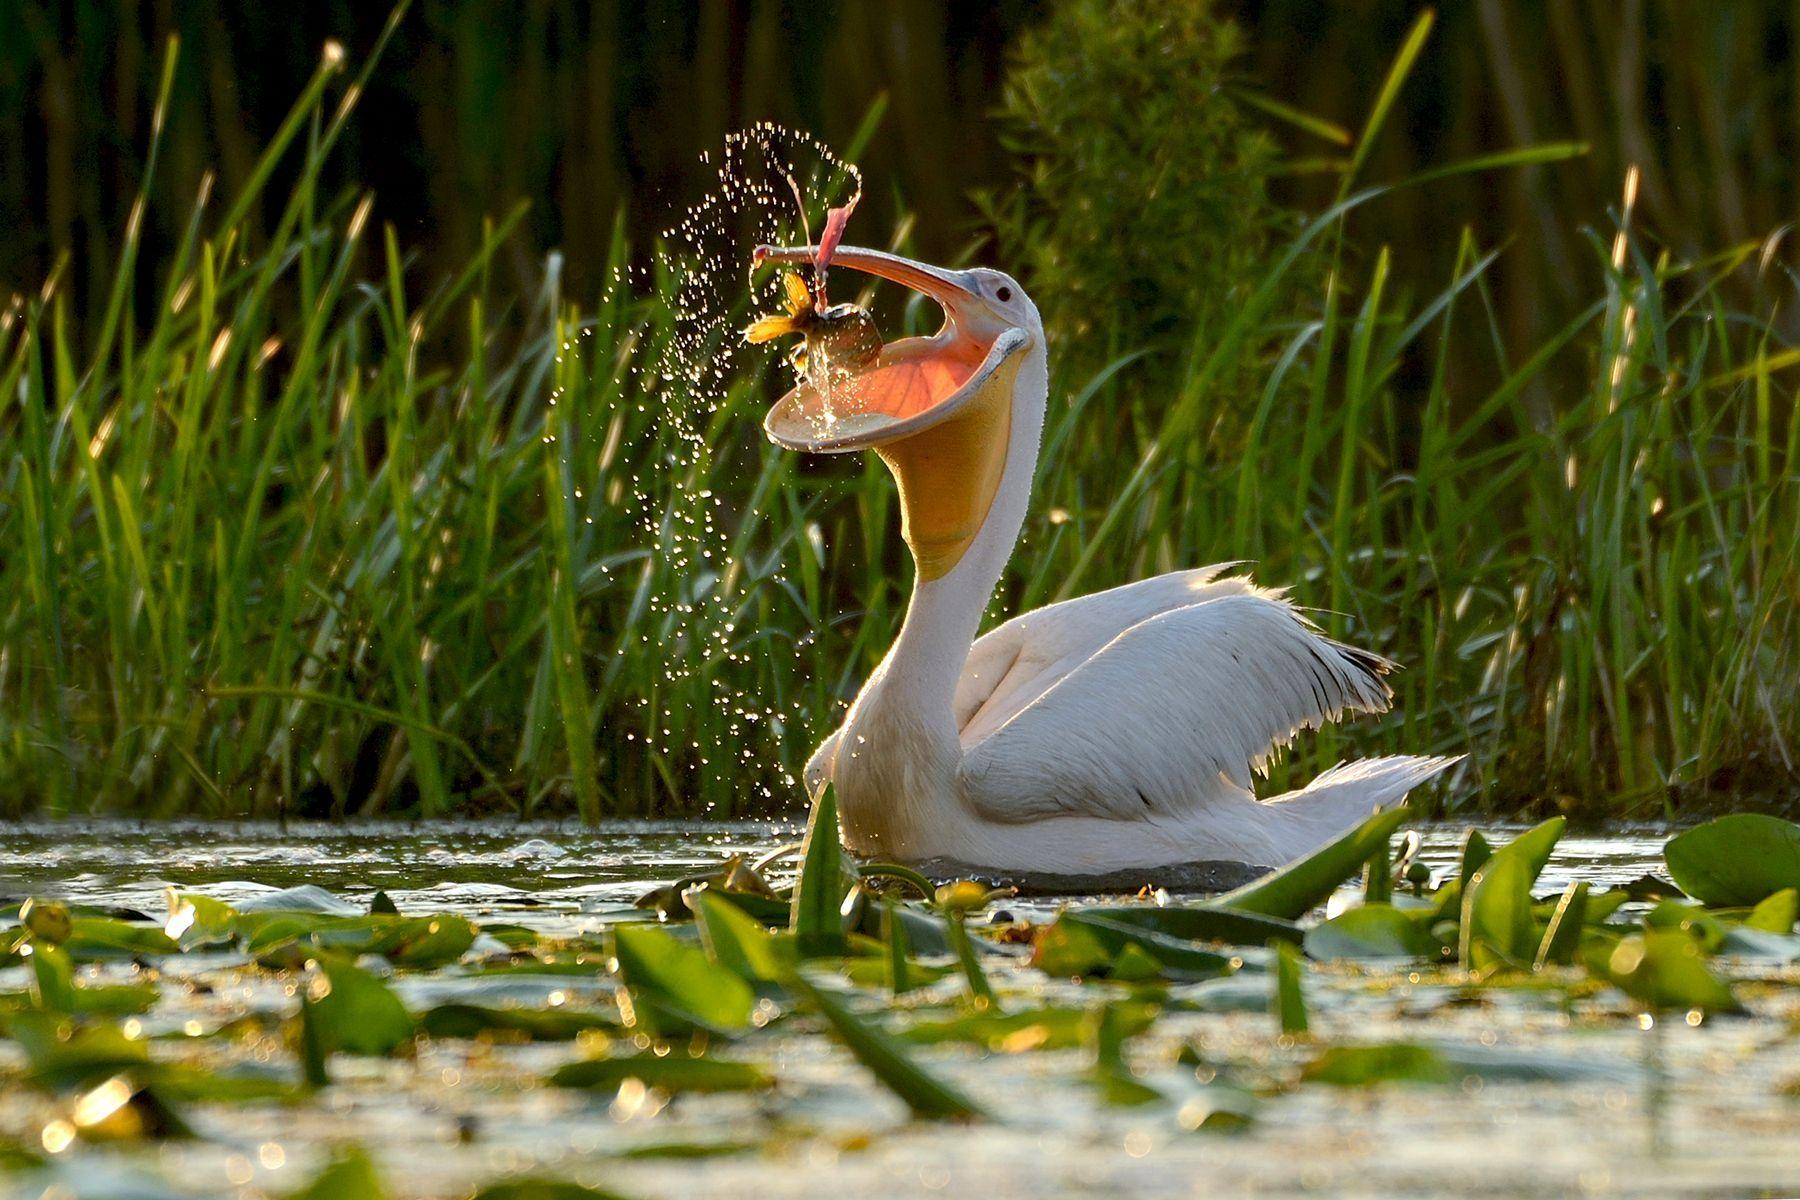 A White Pelican catches a fish in the Danube Delta